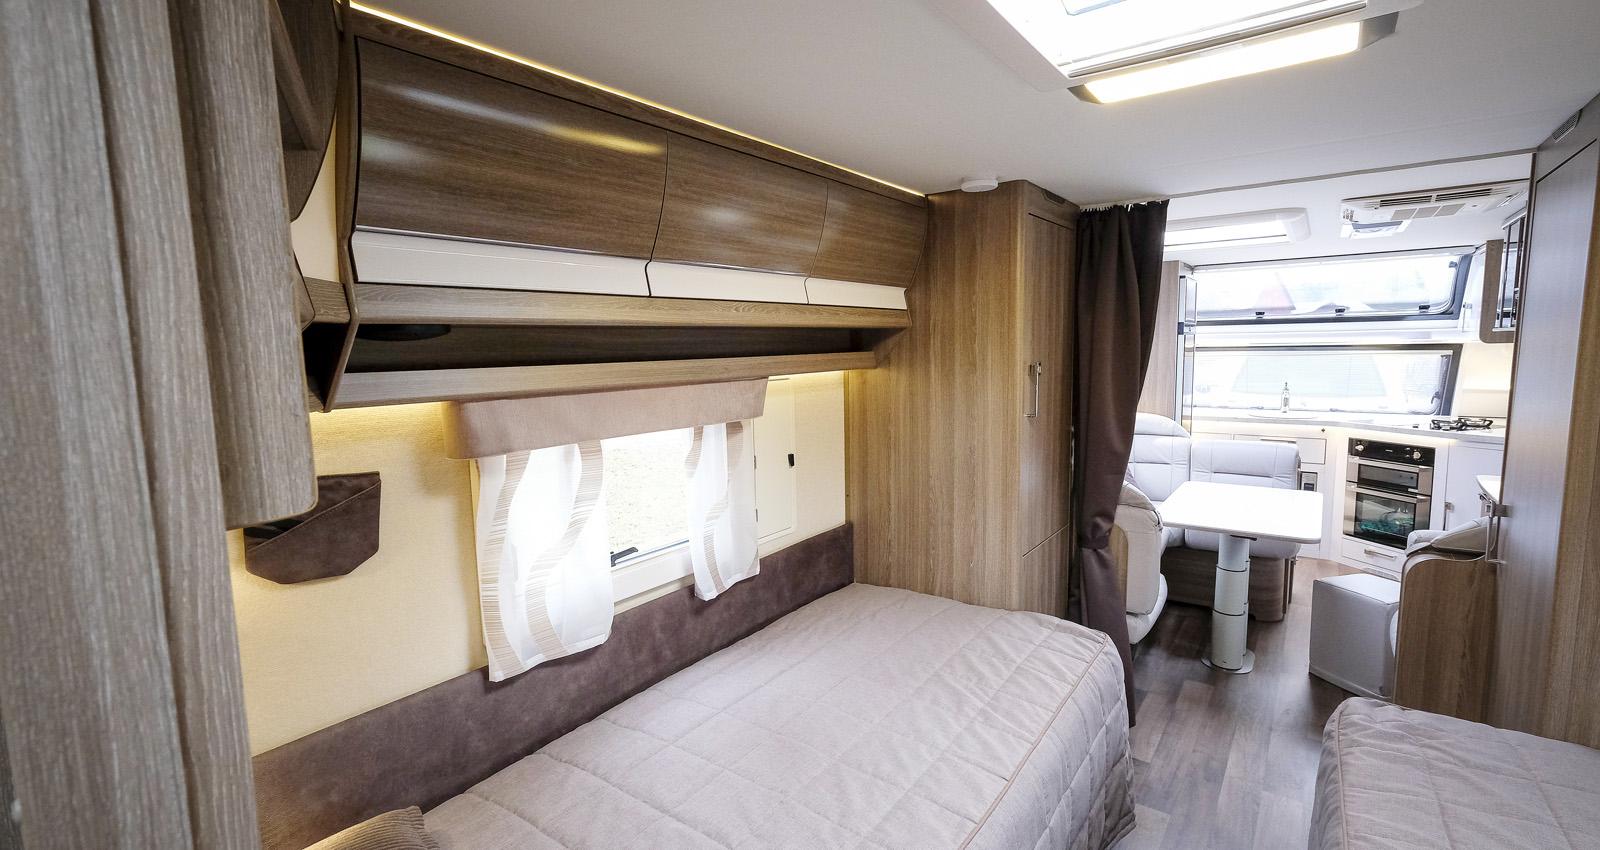 På väggen vid sängens fotända syns Kabes ventilationslucka som ger skönt luftombyte innan det blir dags att krypa till kojs.